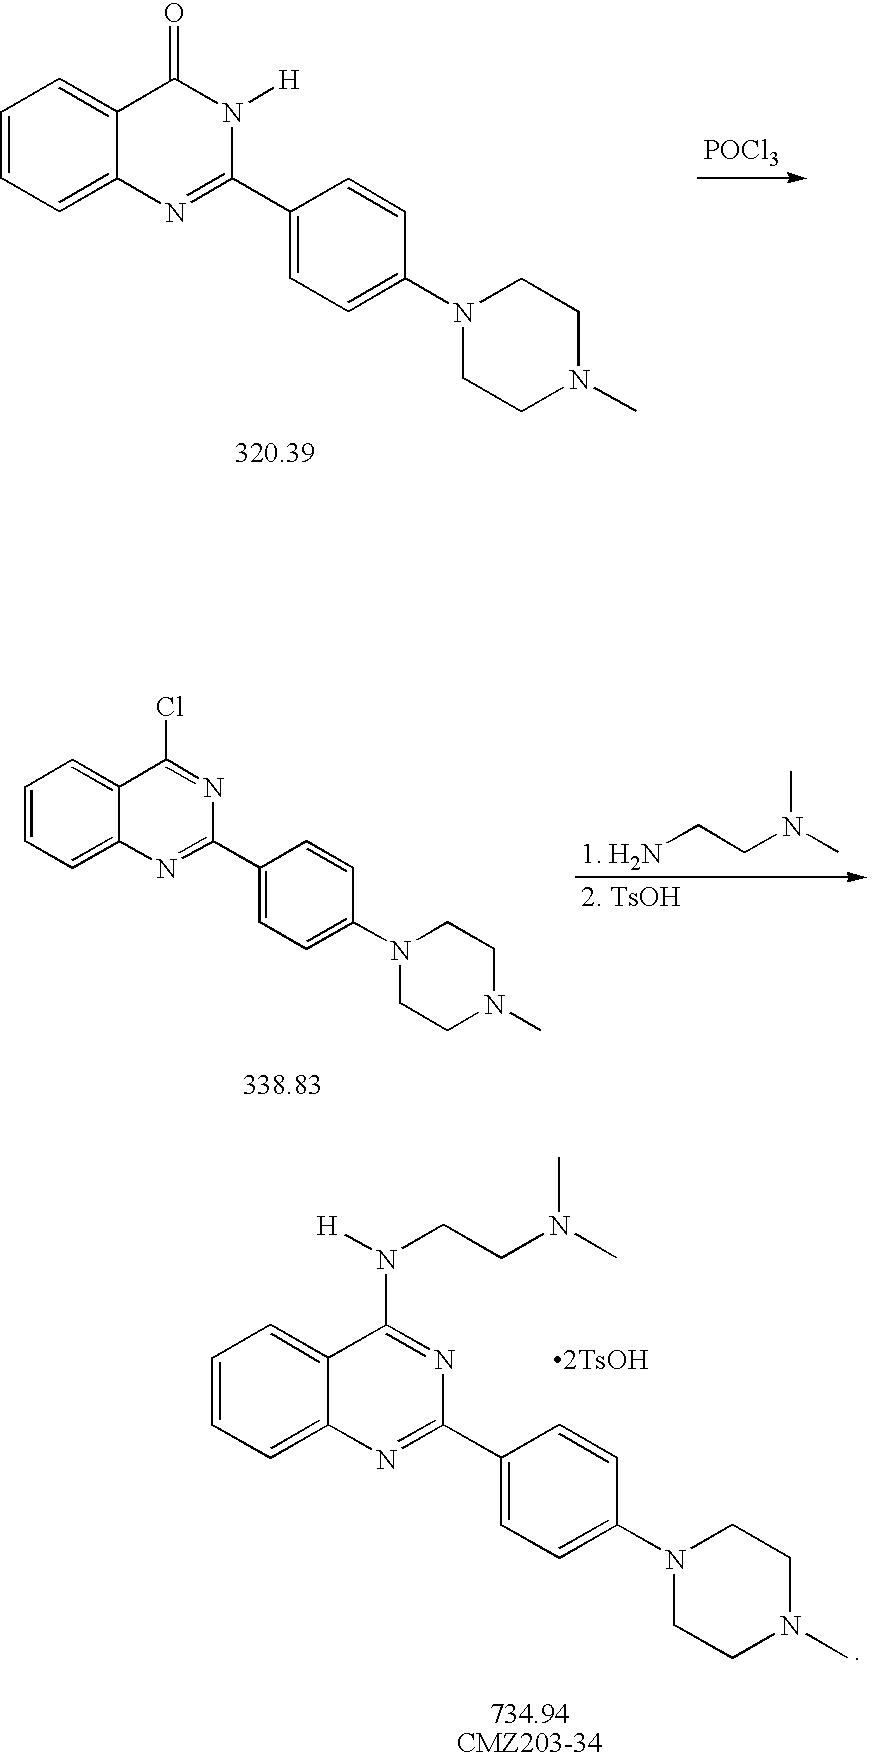 Figure US20070232622A1-20071004-C00316